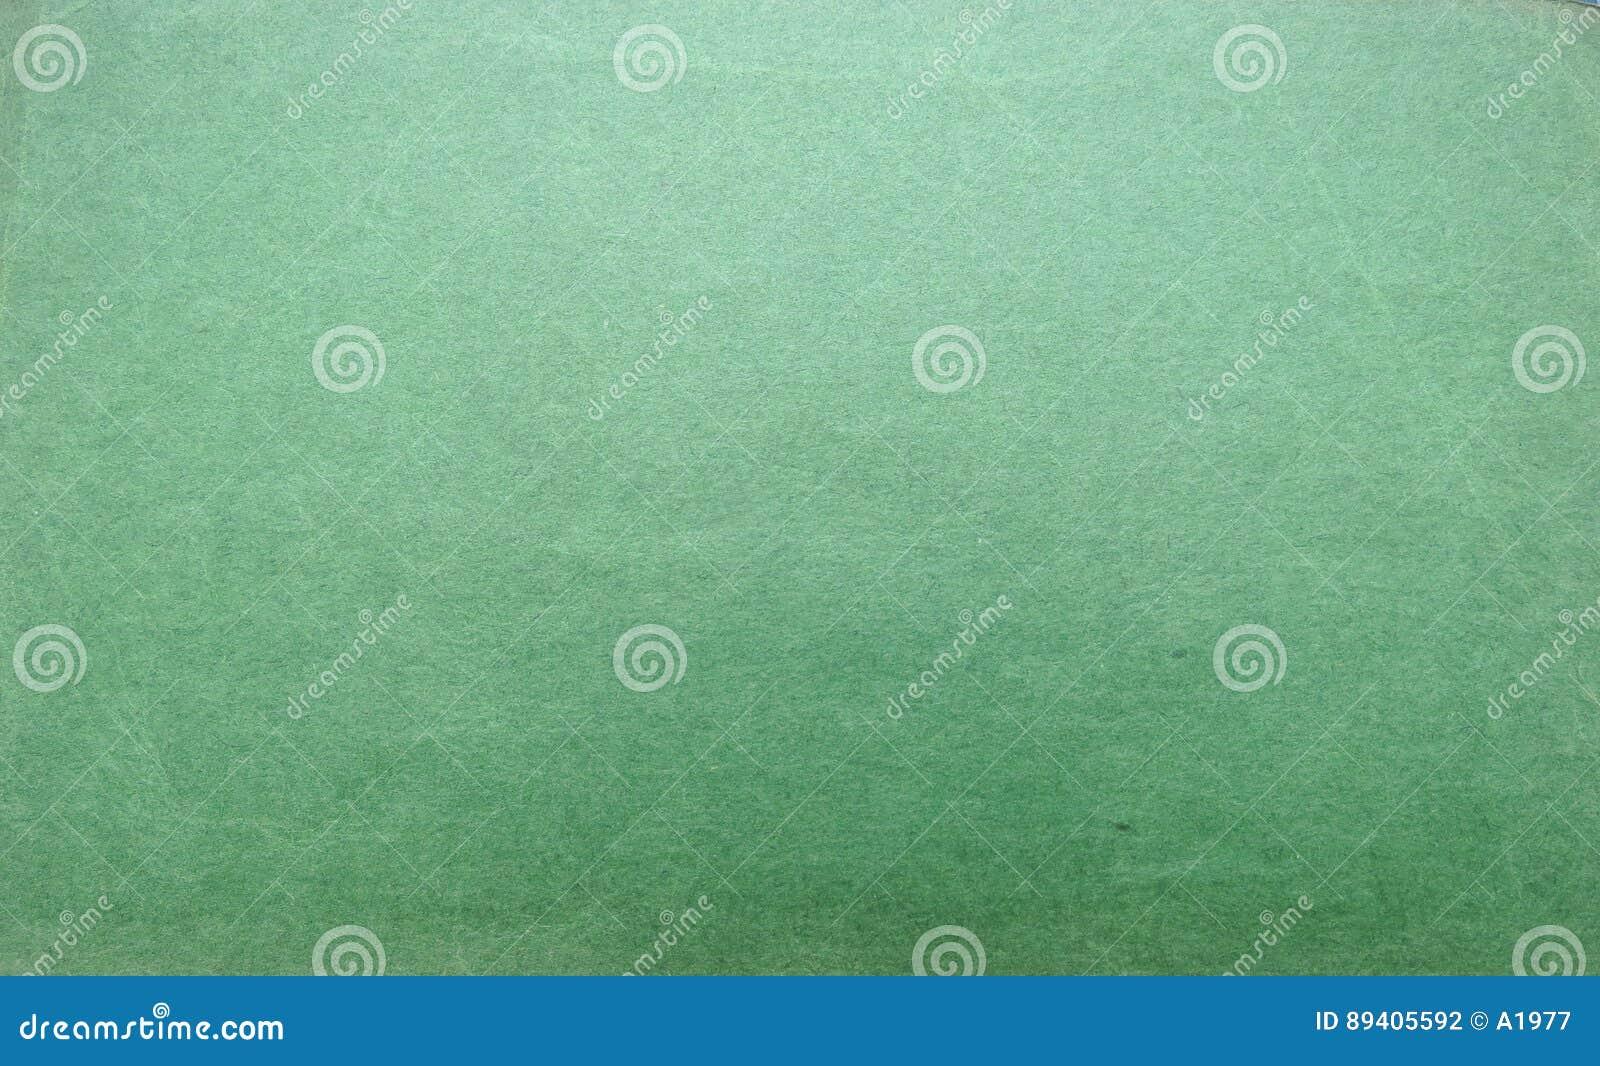 Fundo da superfície do papel verde